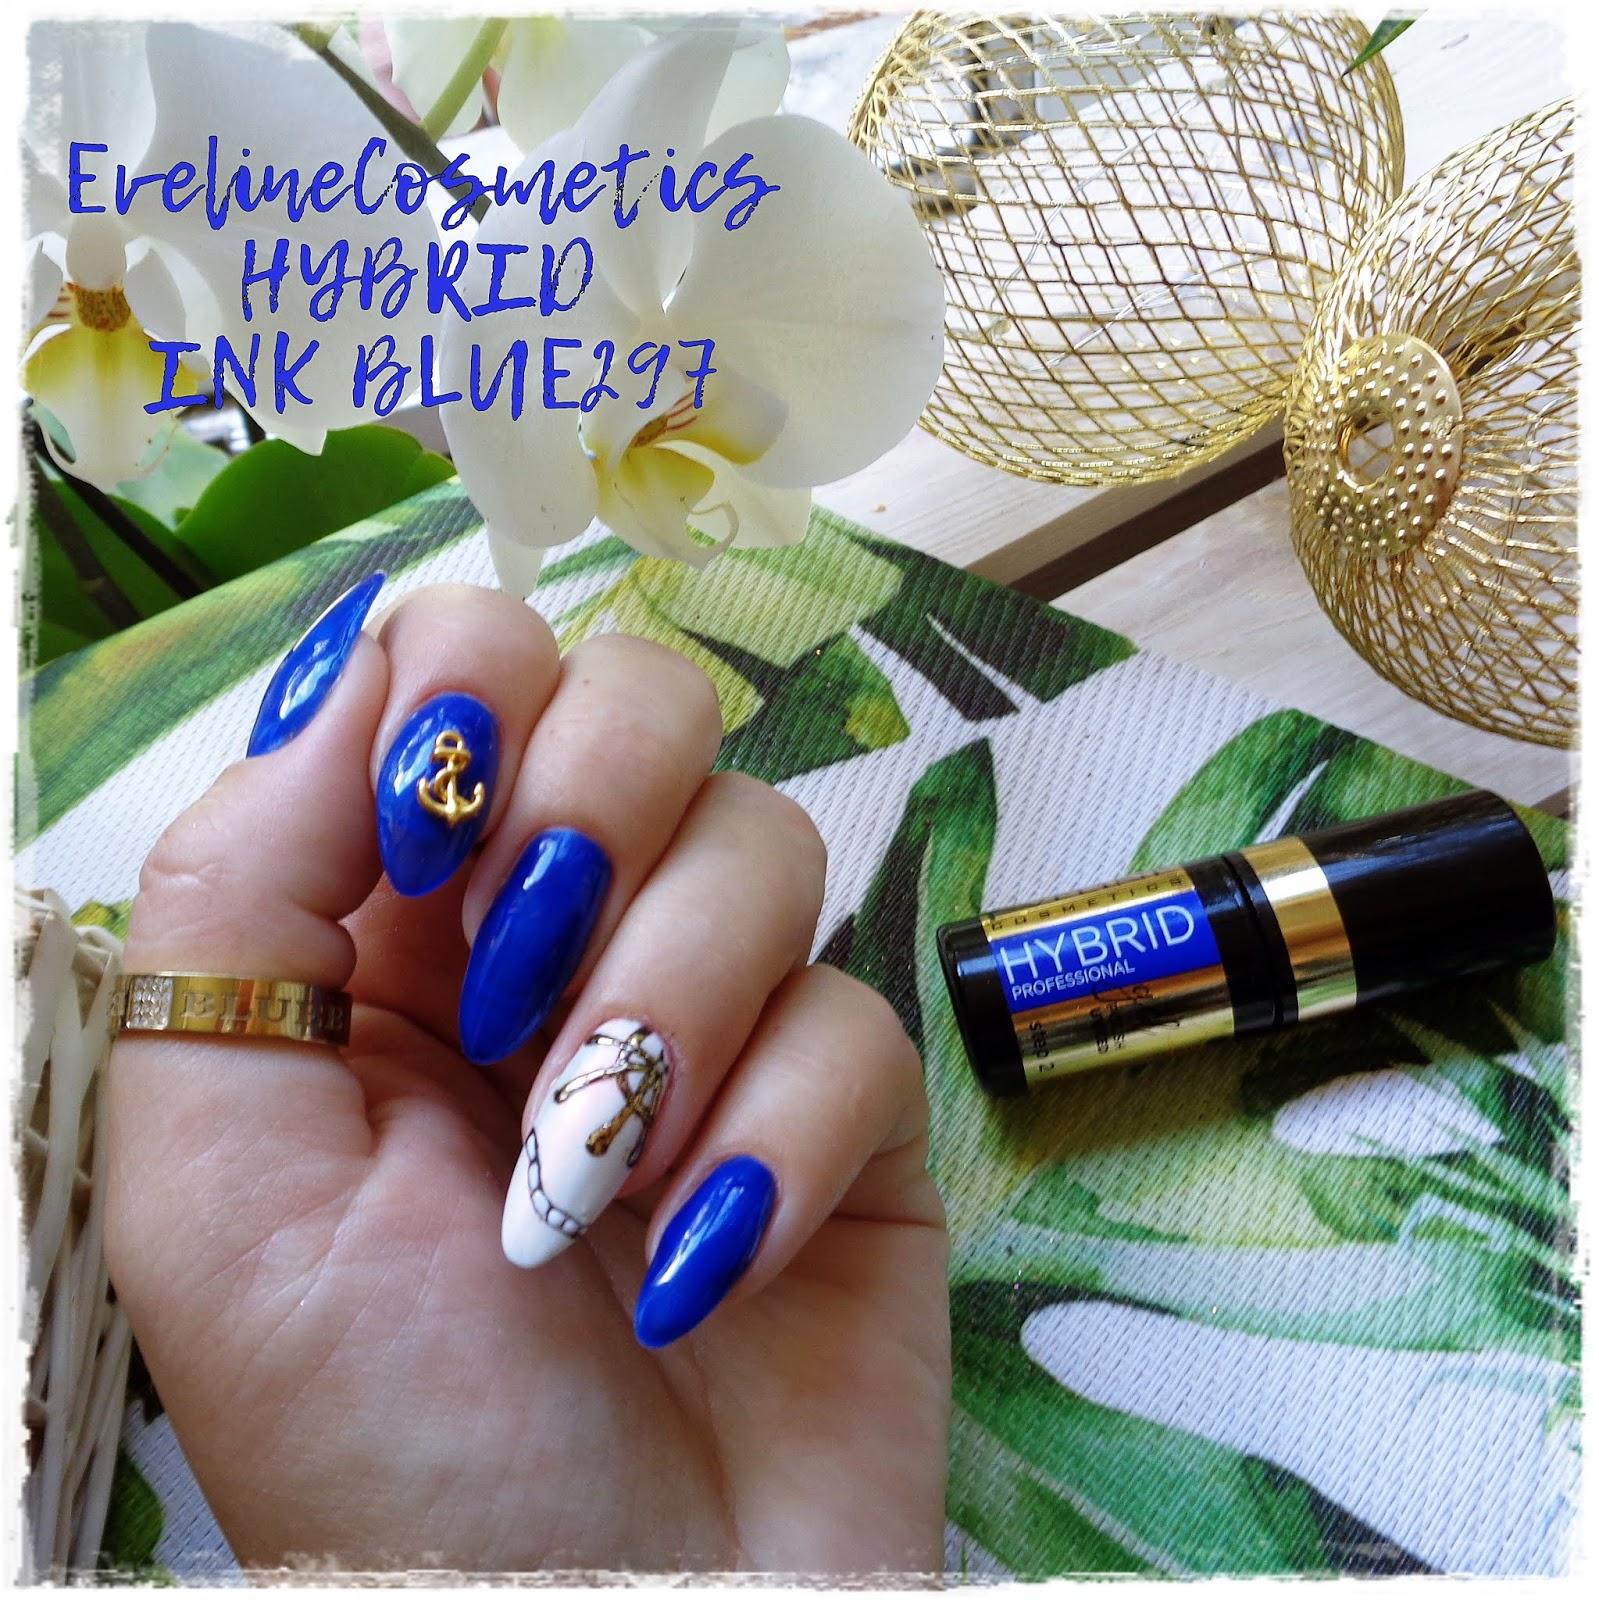 Eveline Cosmetics, Hybrid Profesional,  INK BLUE 297, Wakacyjny Czas.